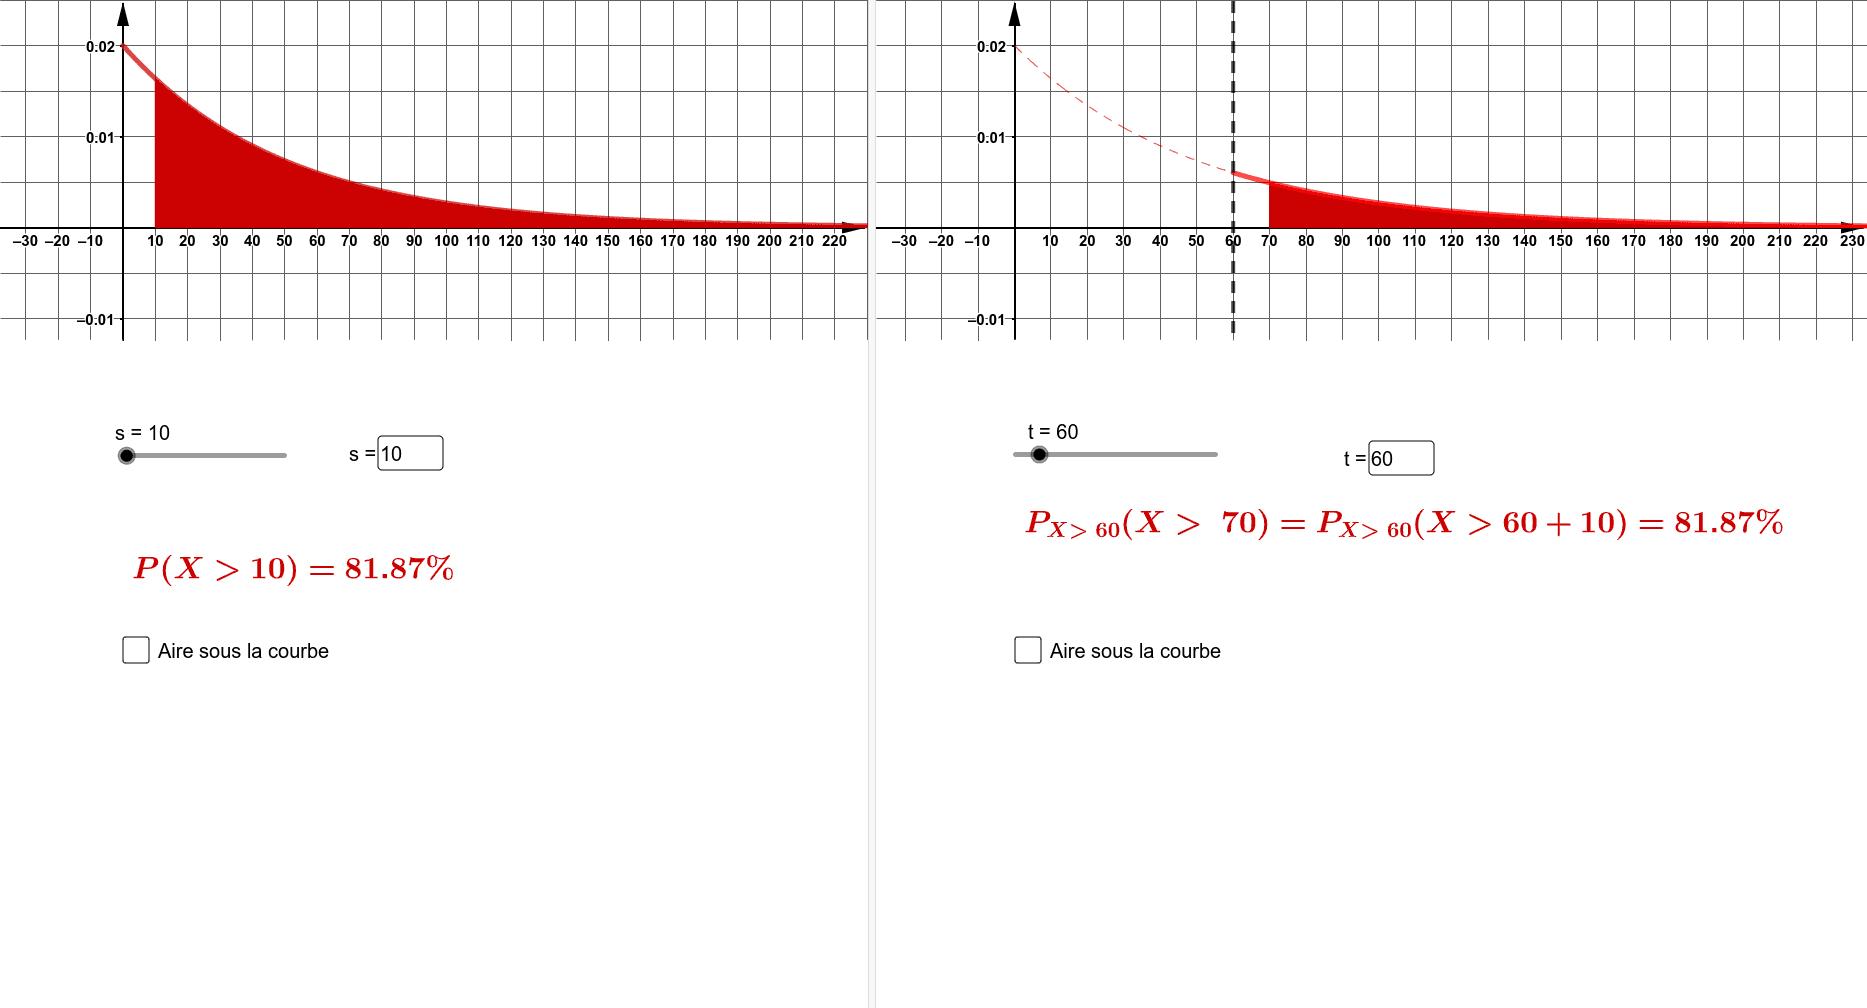 """1) Changer t avec le curseur ou saisir une valeur 2) Aire sous la courbe à cocher 3) Cas particulier où s = 0  Tapez """"Entrée"""" pour démarrer l'activité"""